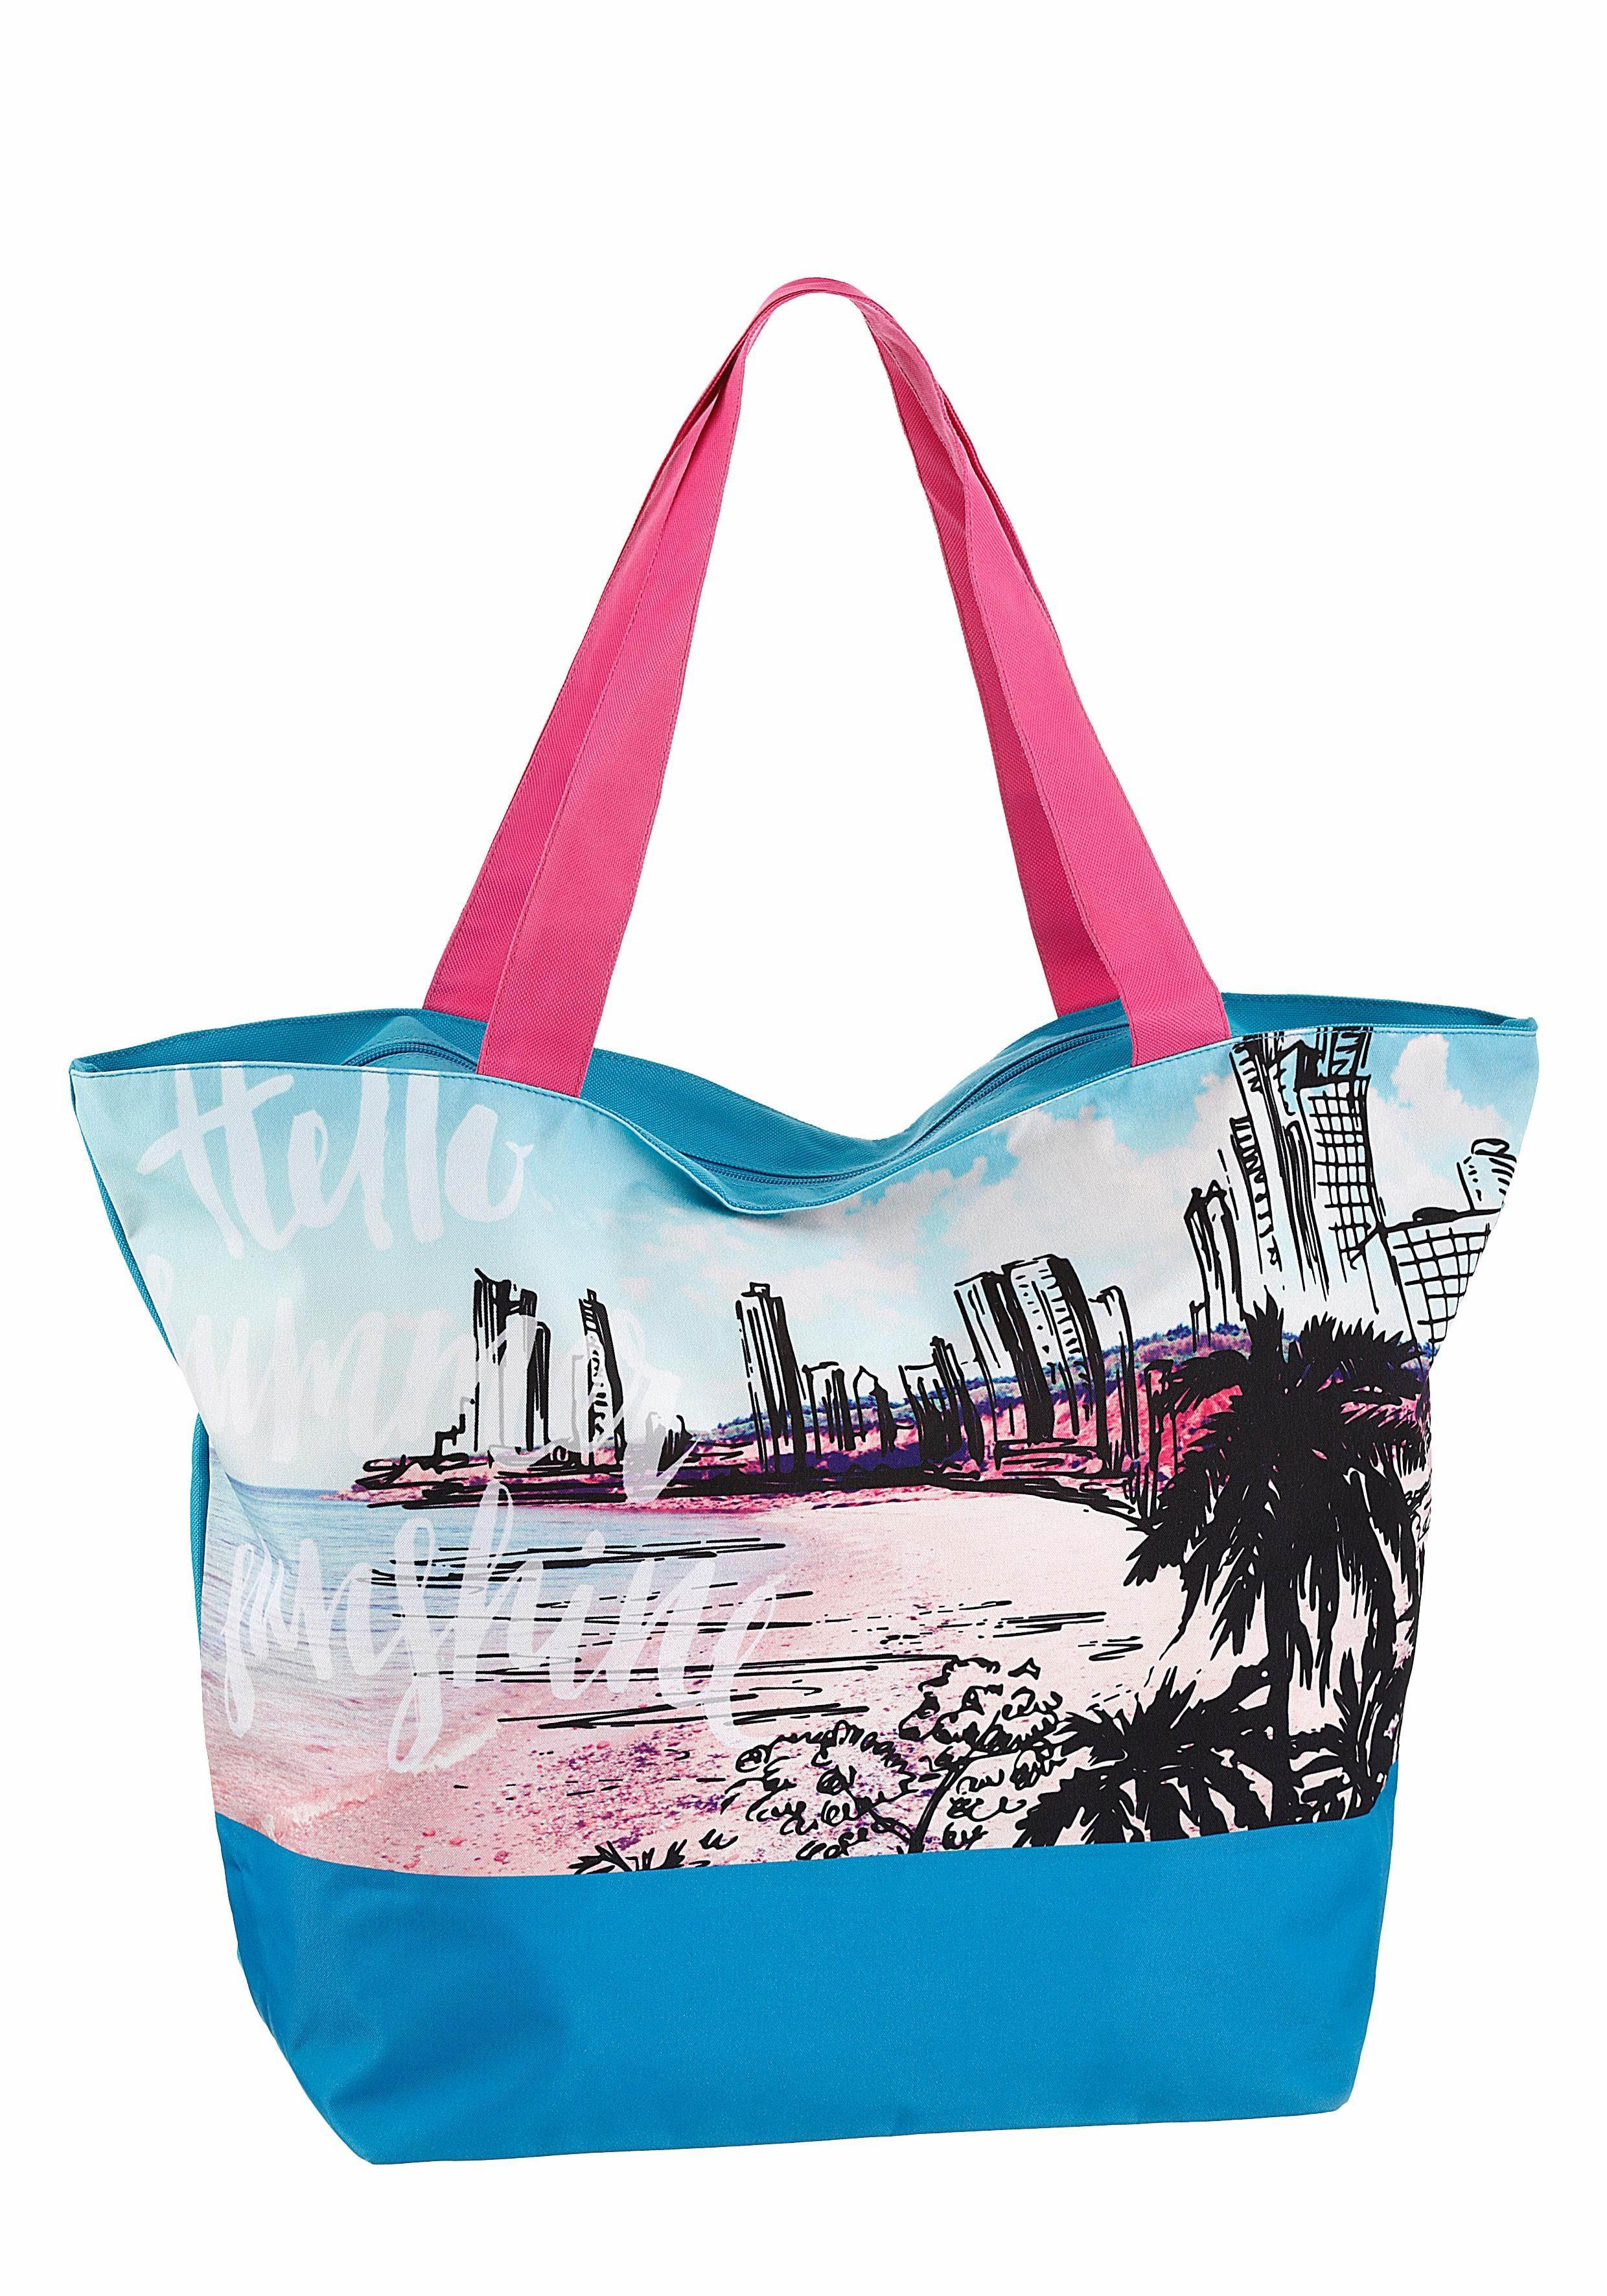 fabrizio® Strandtasche, mit sommerlichen Palmenmotiv